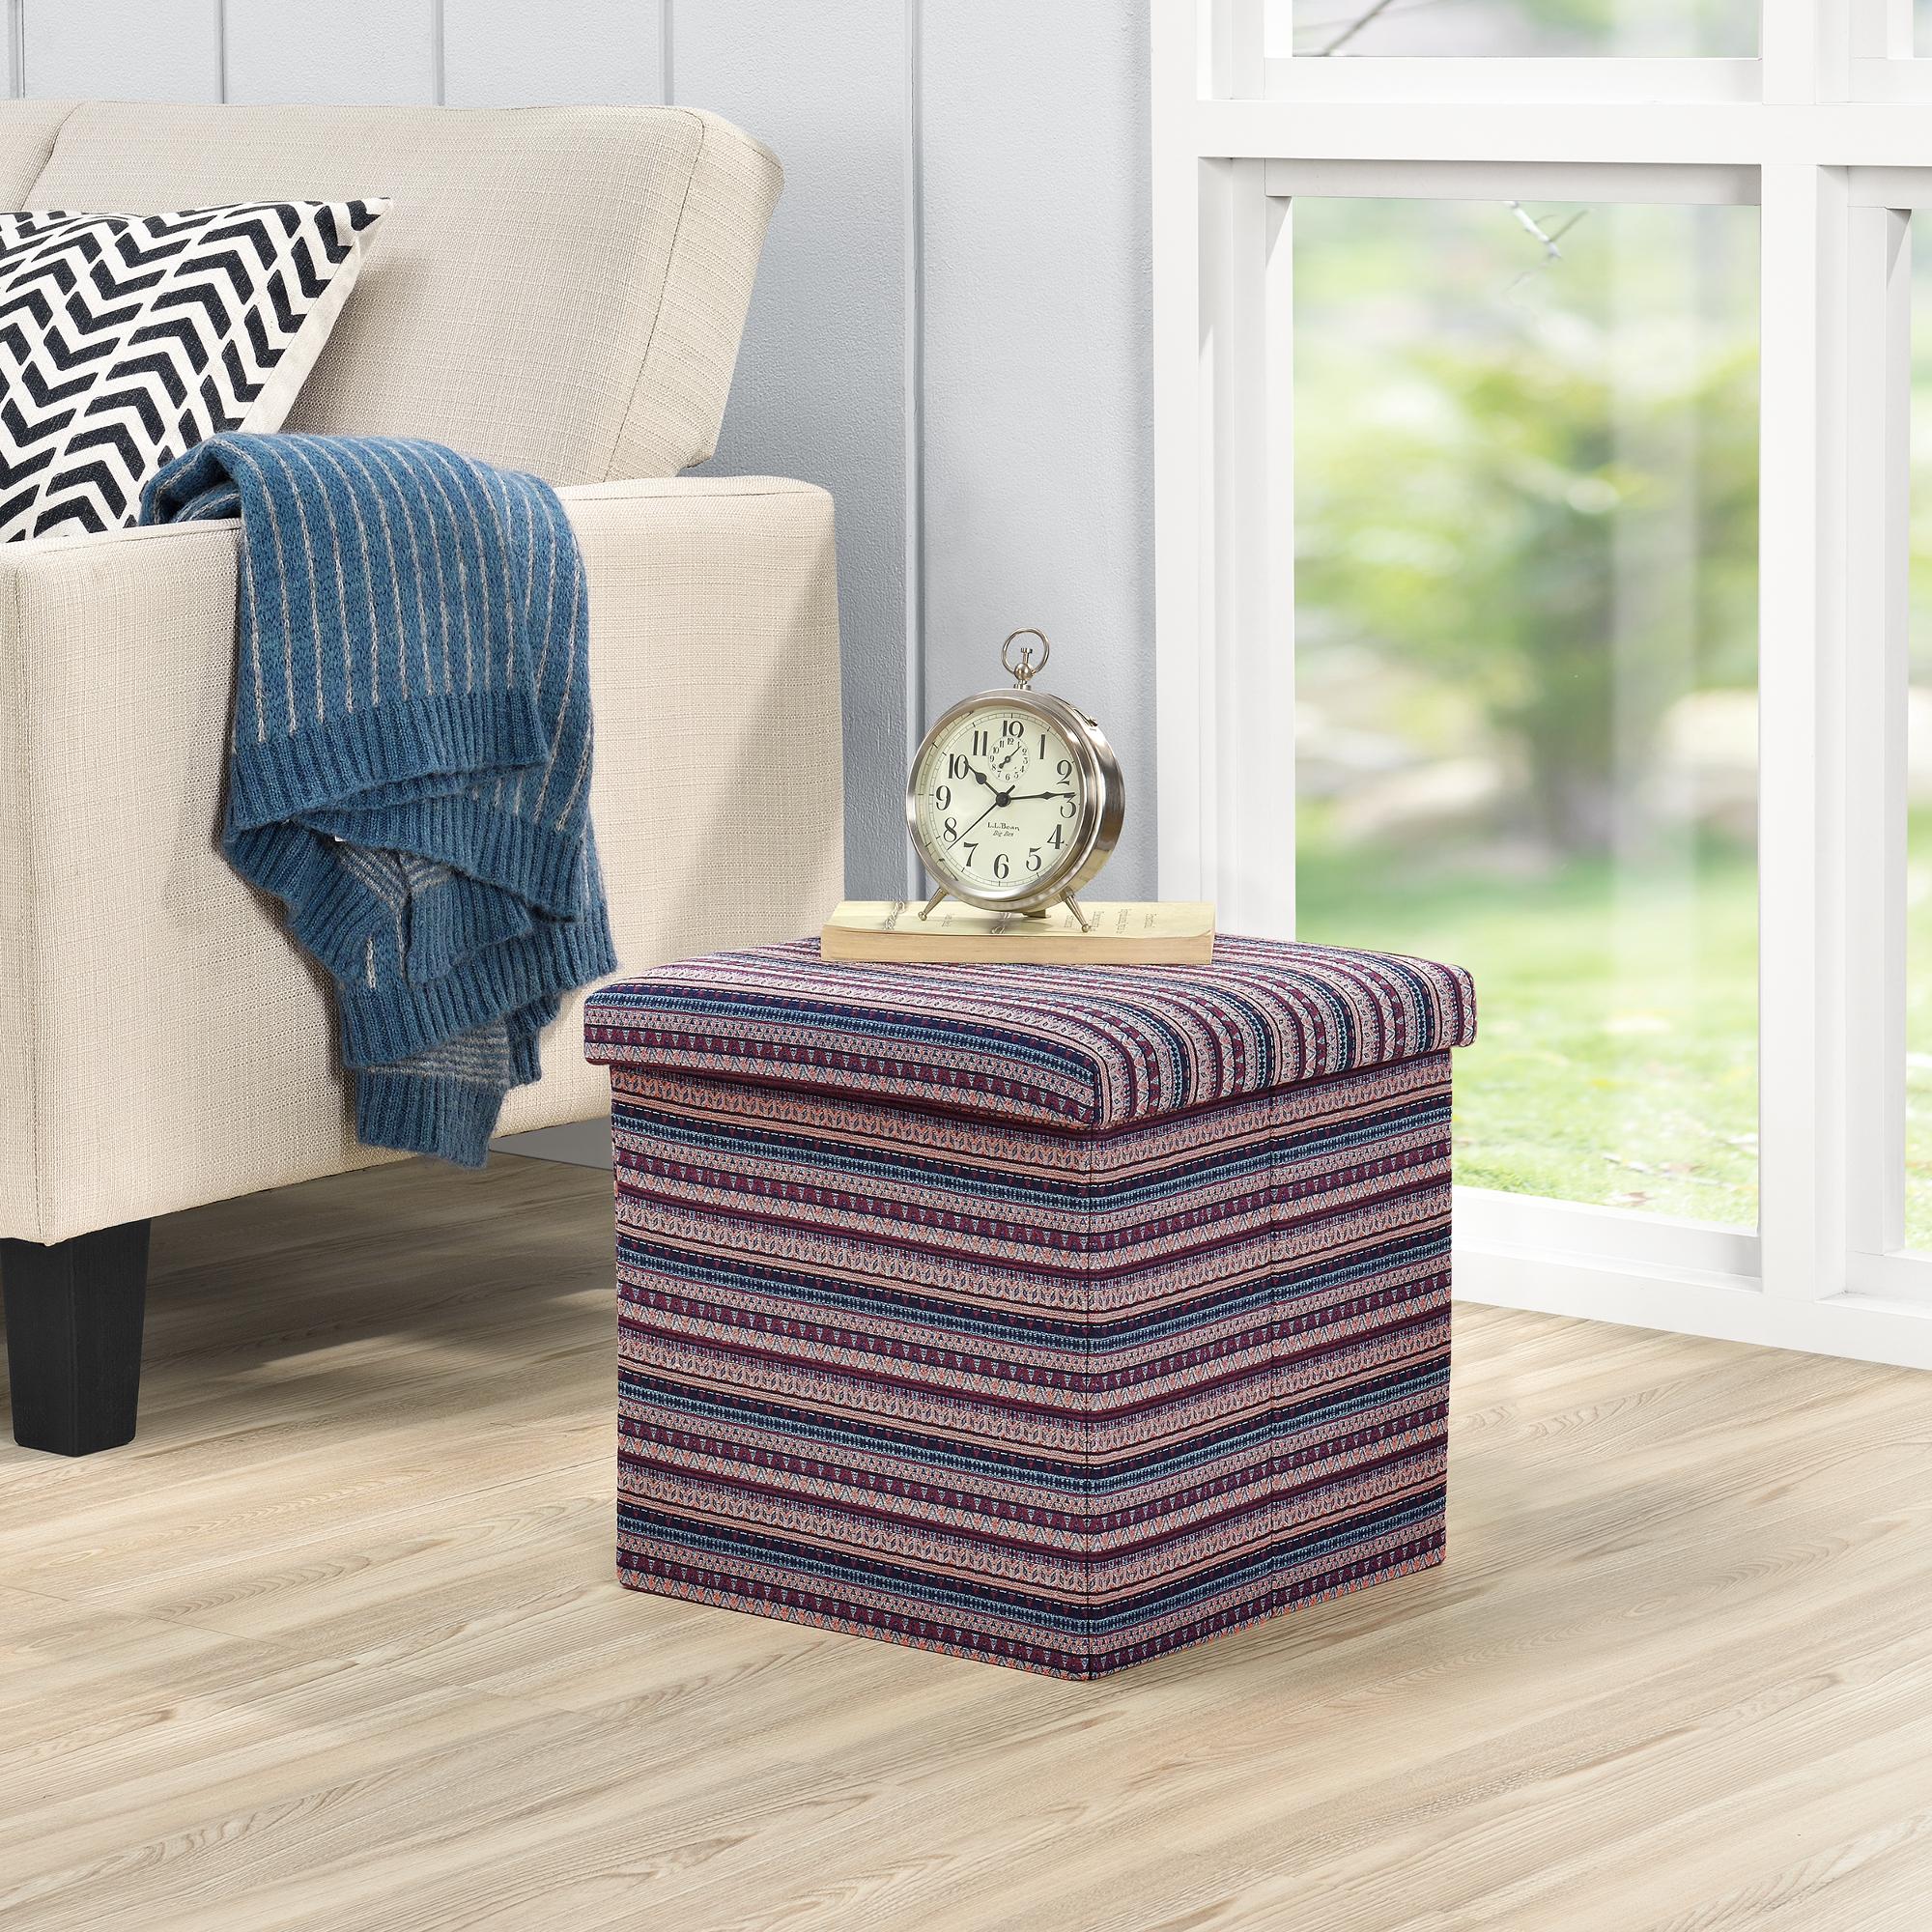 banc de rangement 38x38x38cm multicolore porte pieds ebay. Black Bedroom Furniture Sets. Home Design Ideas